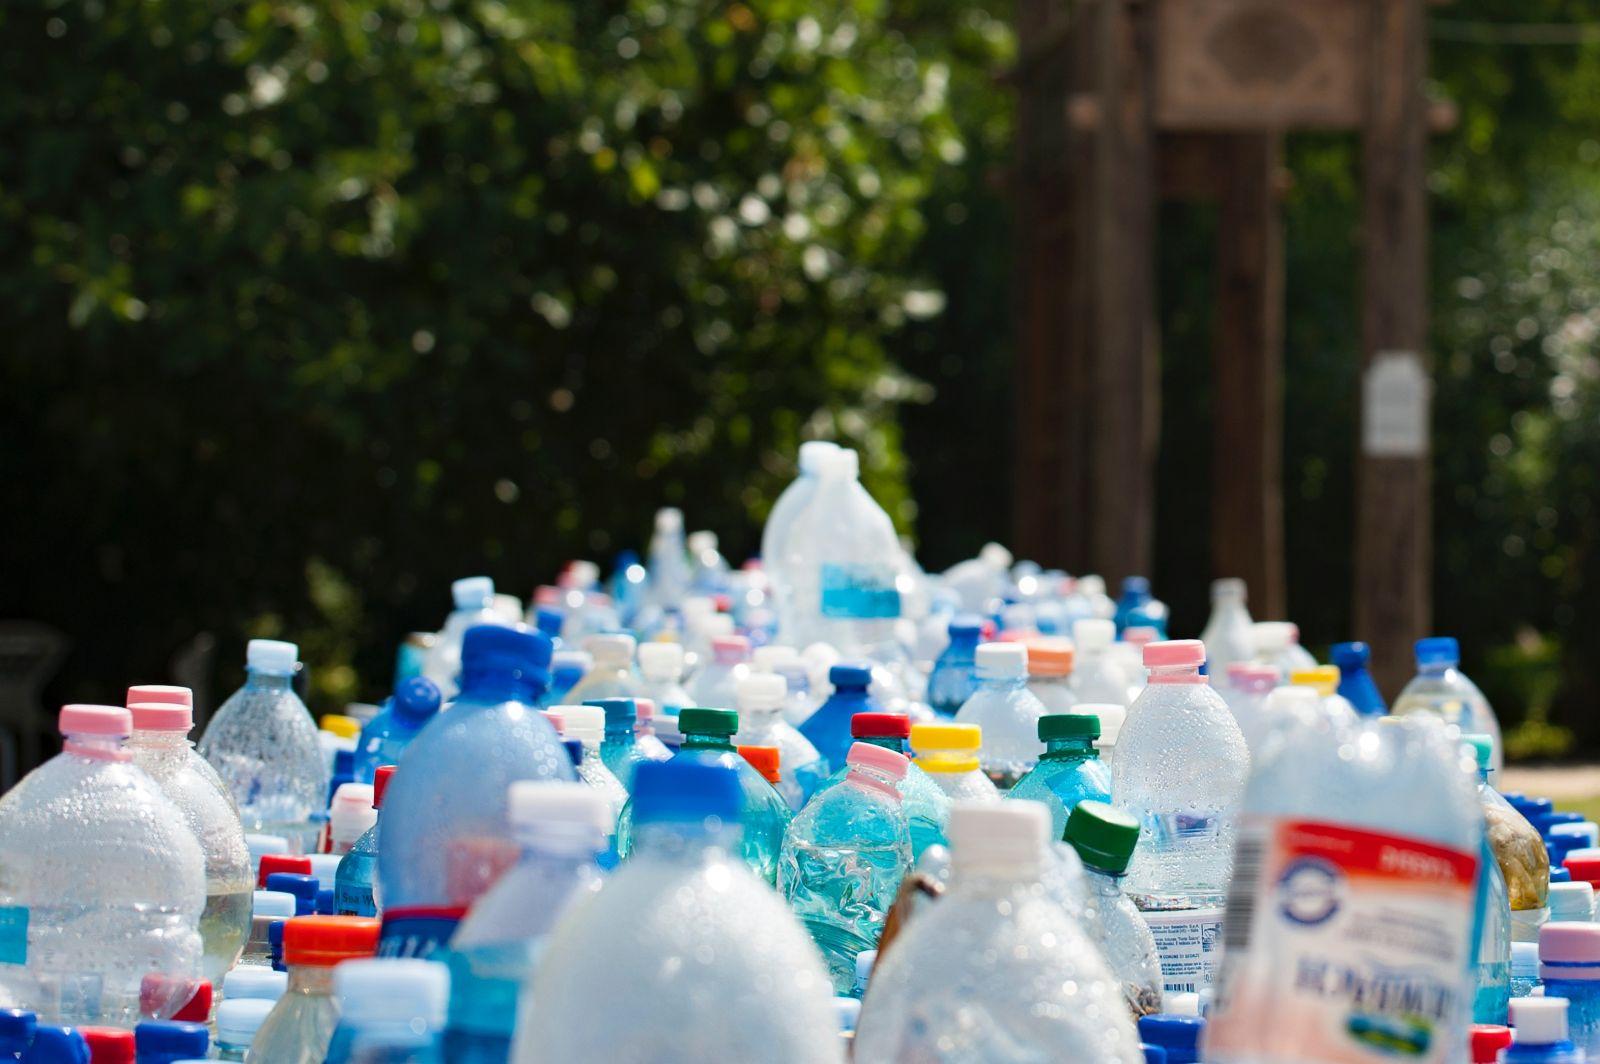 Zálohovanie fliaš a plechoviek sa posúva minimálne o rok, vláda sa vyhovára na koronavírus